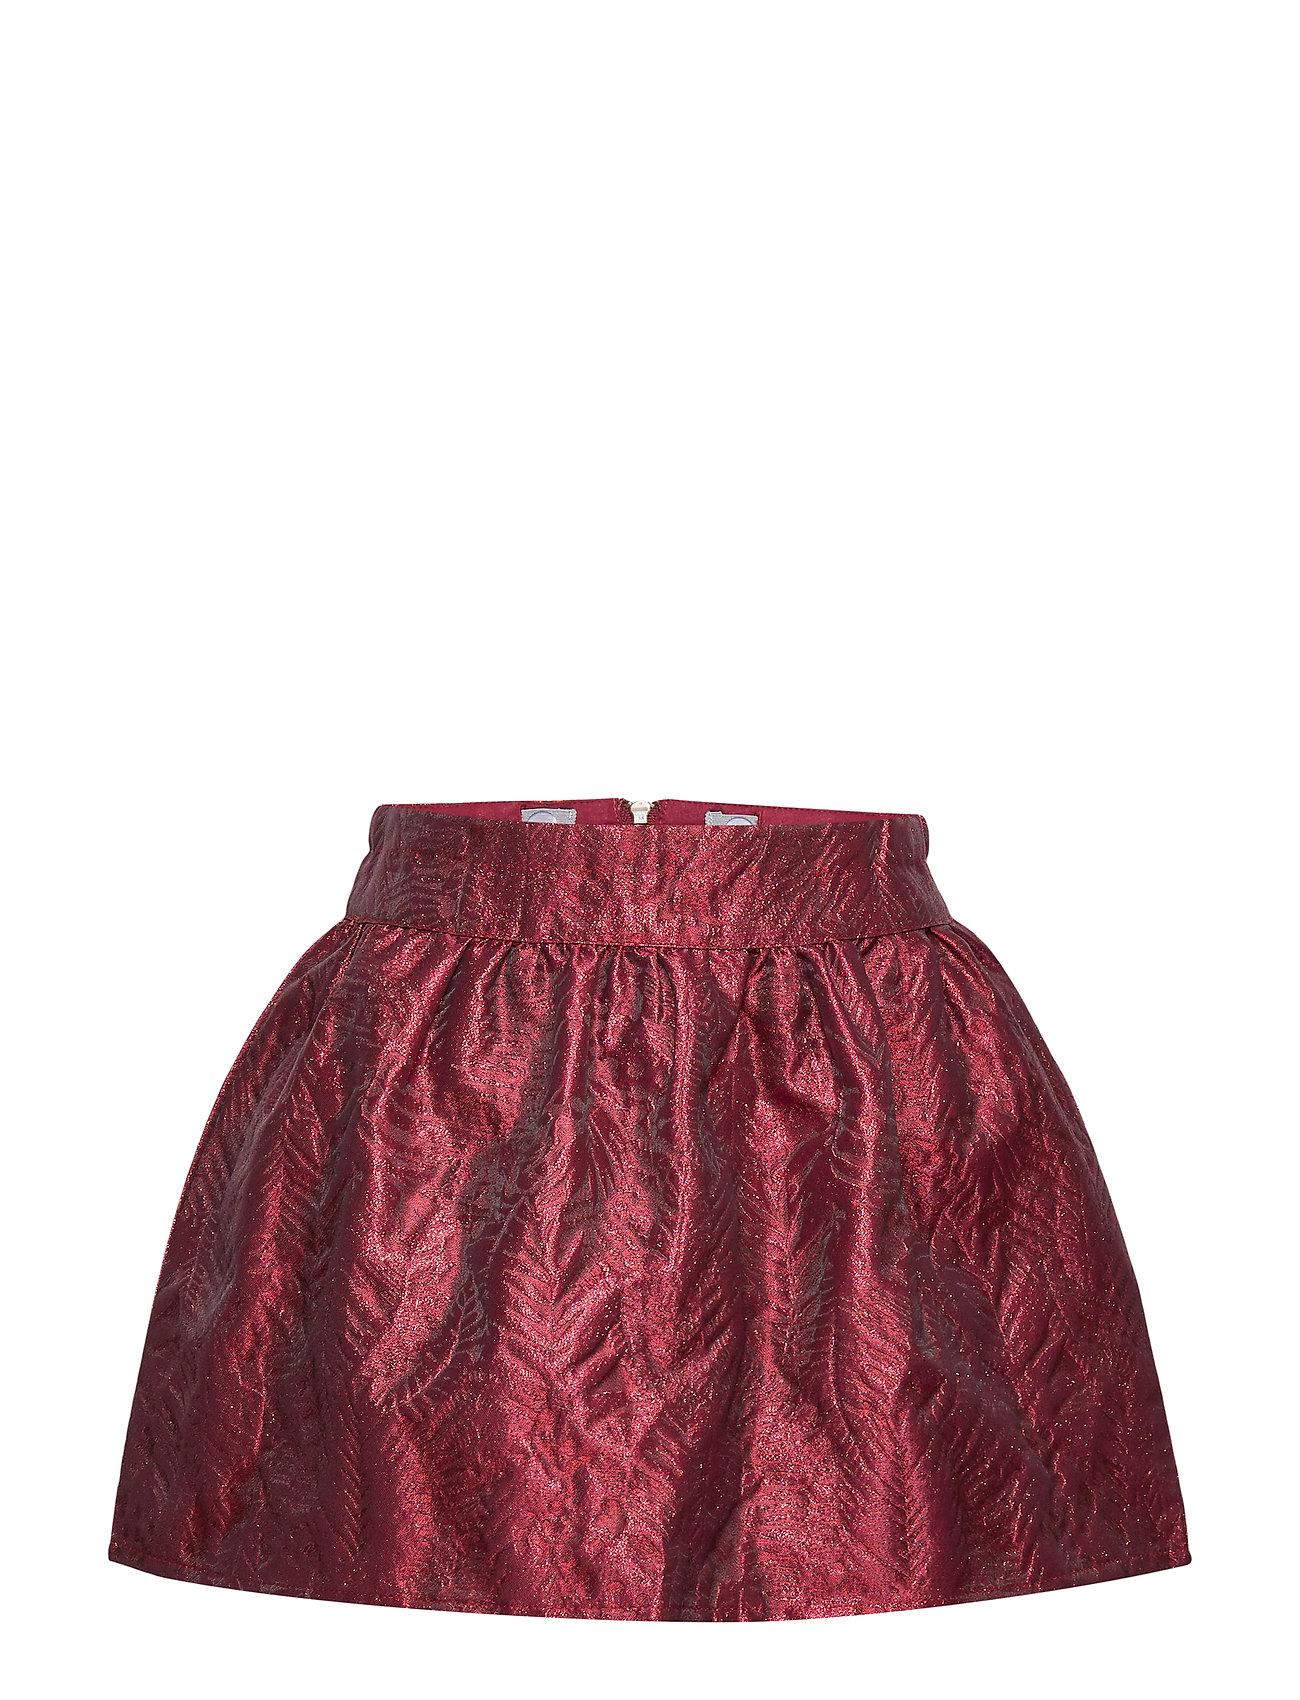 Wheat Skirt Otine - DARK BERRY